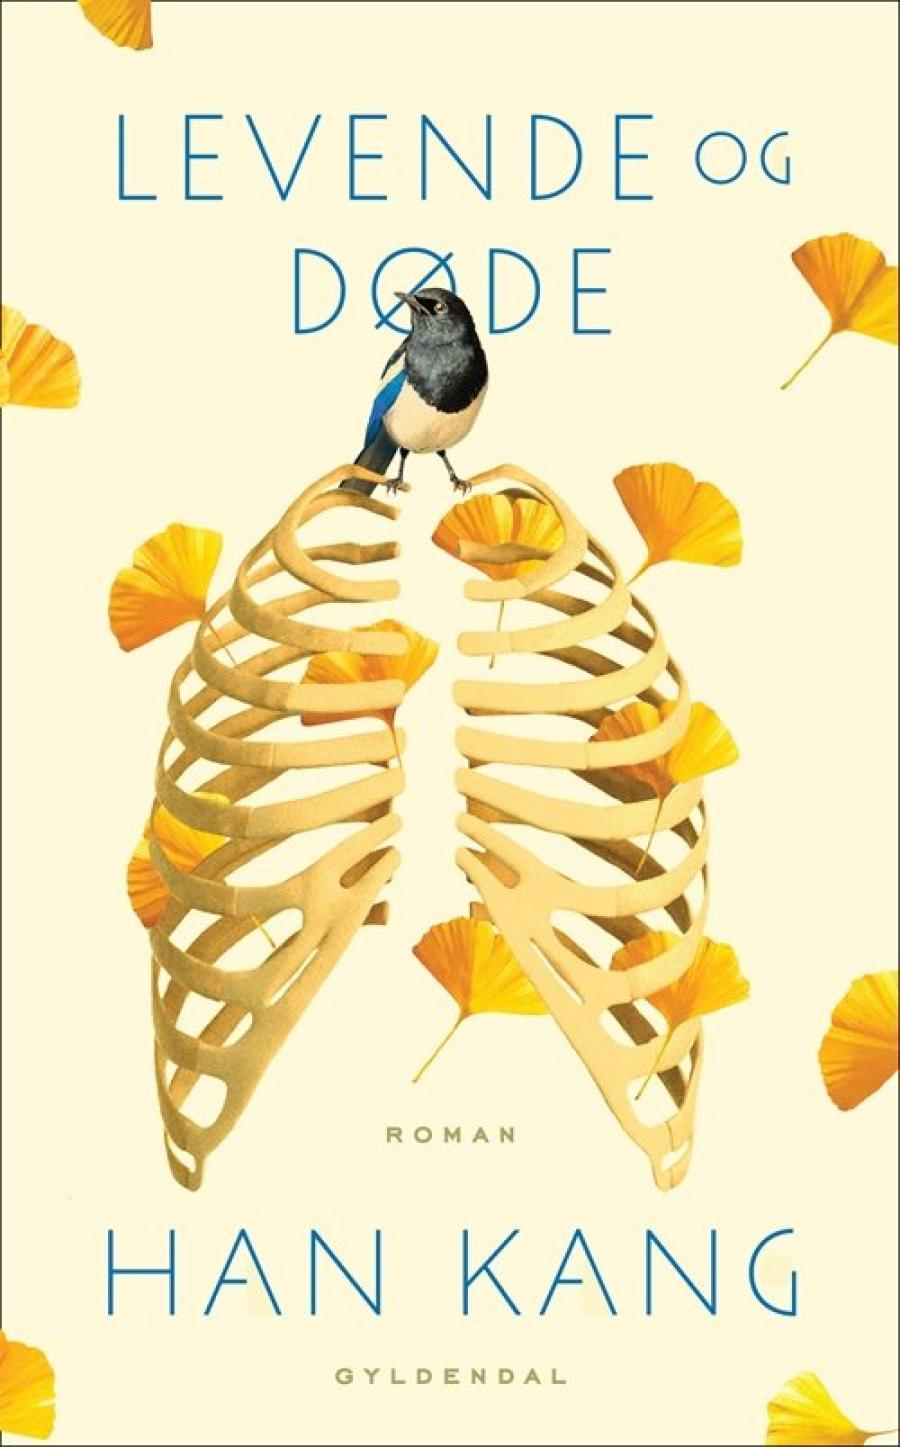 Billede af bogen Levende og døde af Han Kang